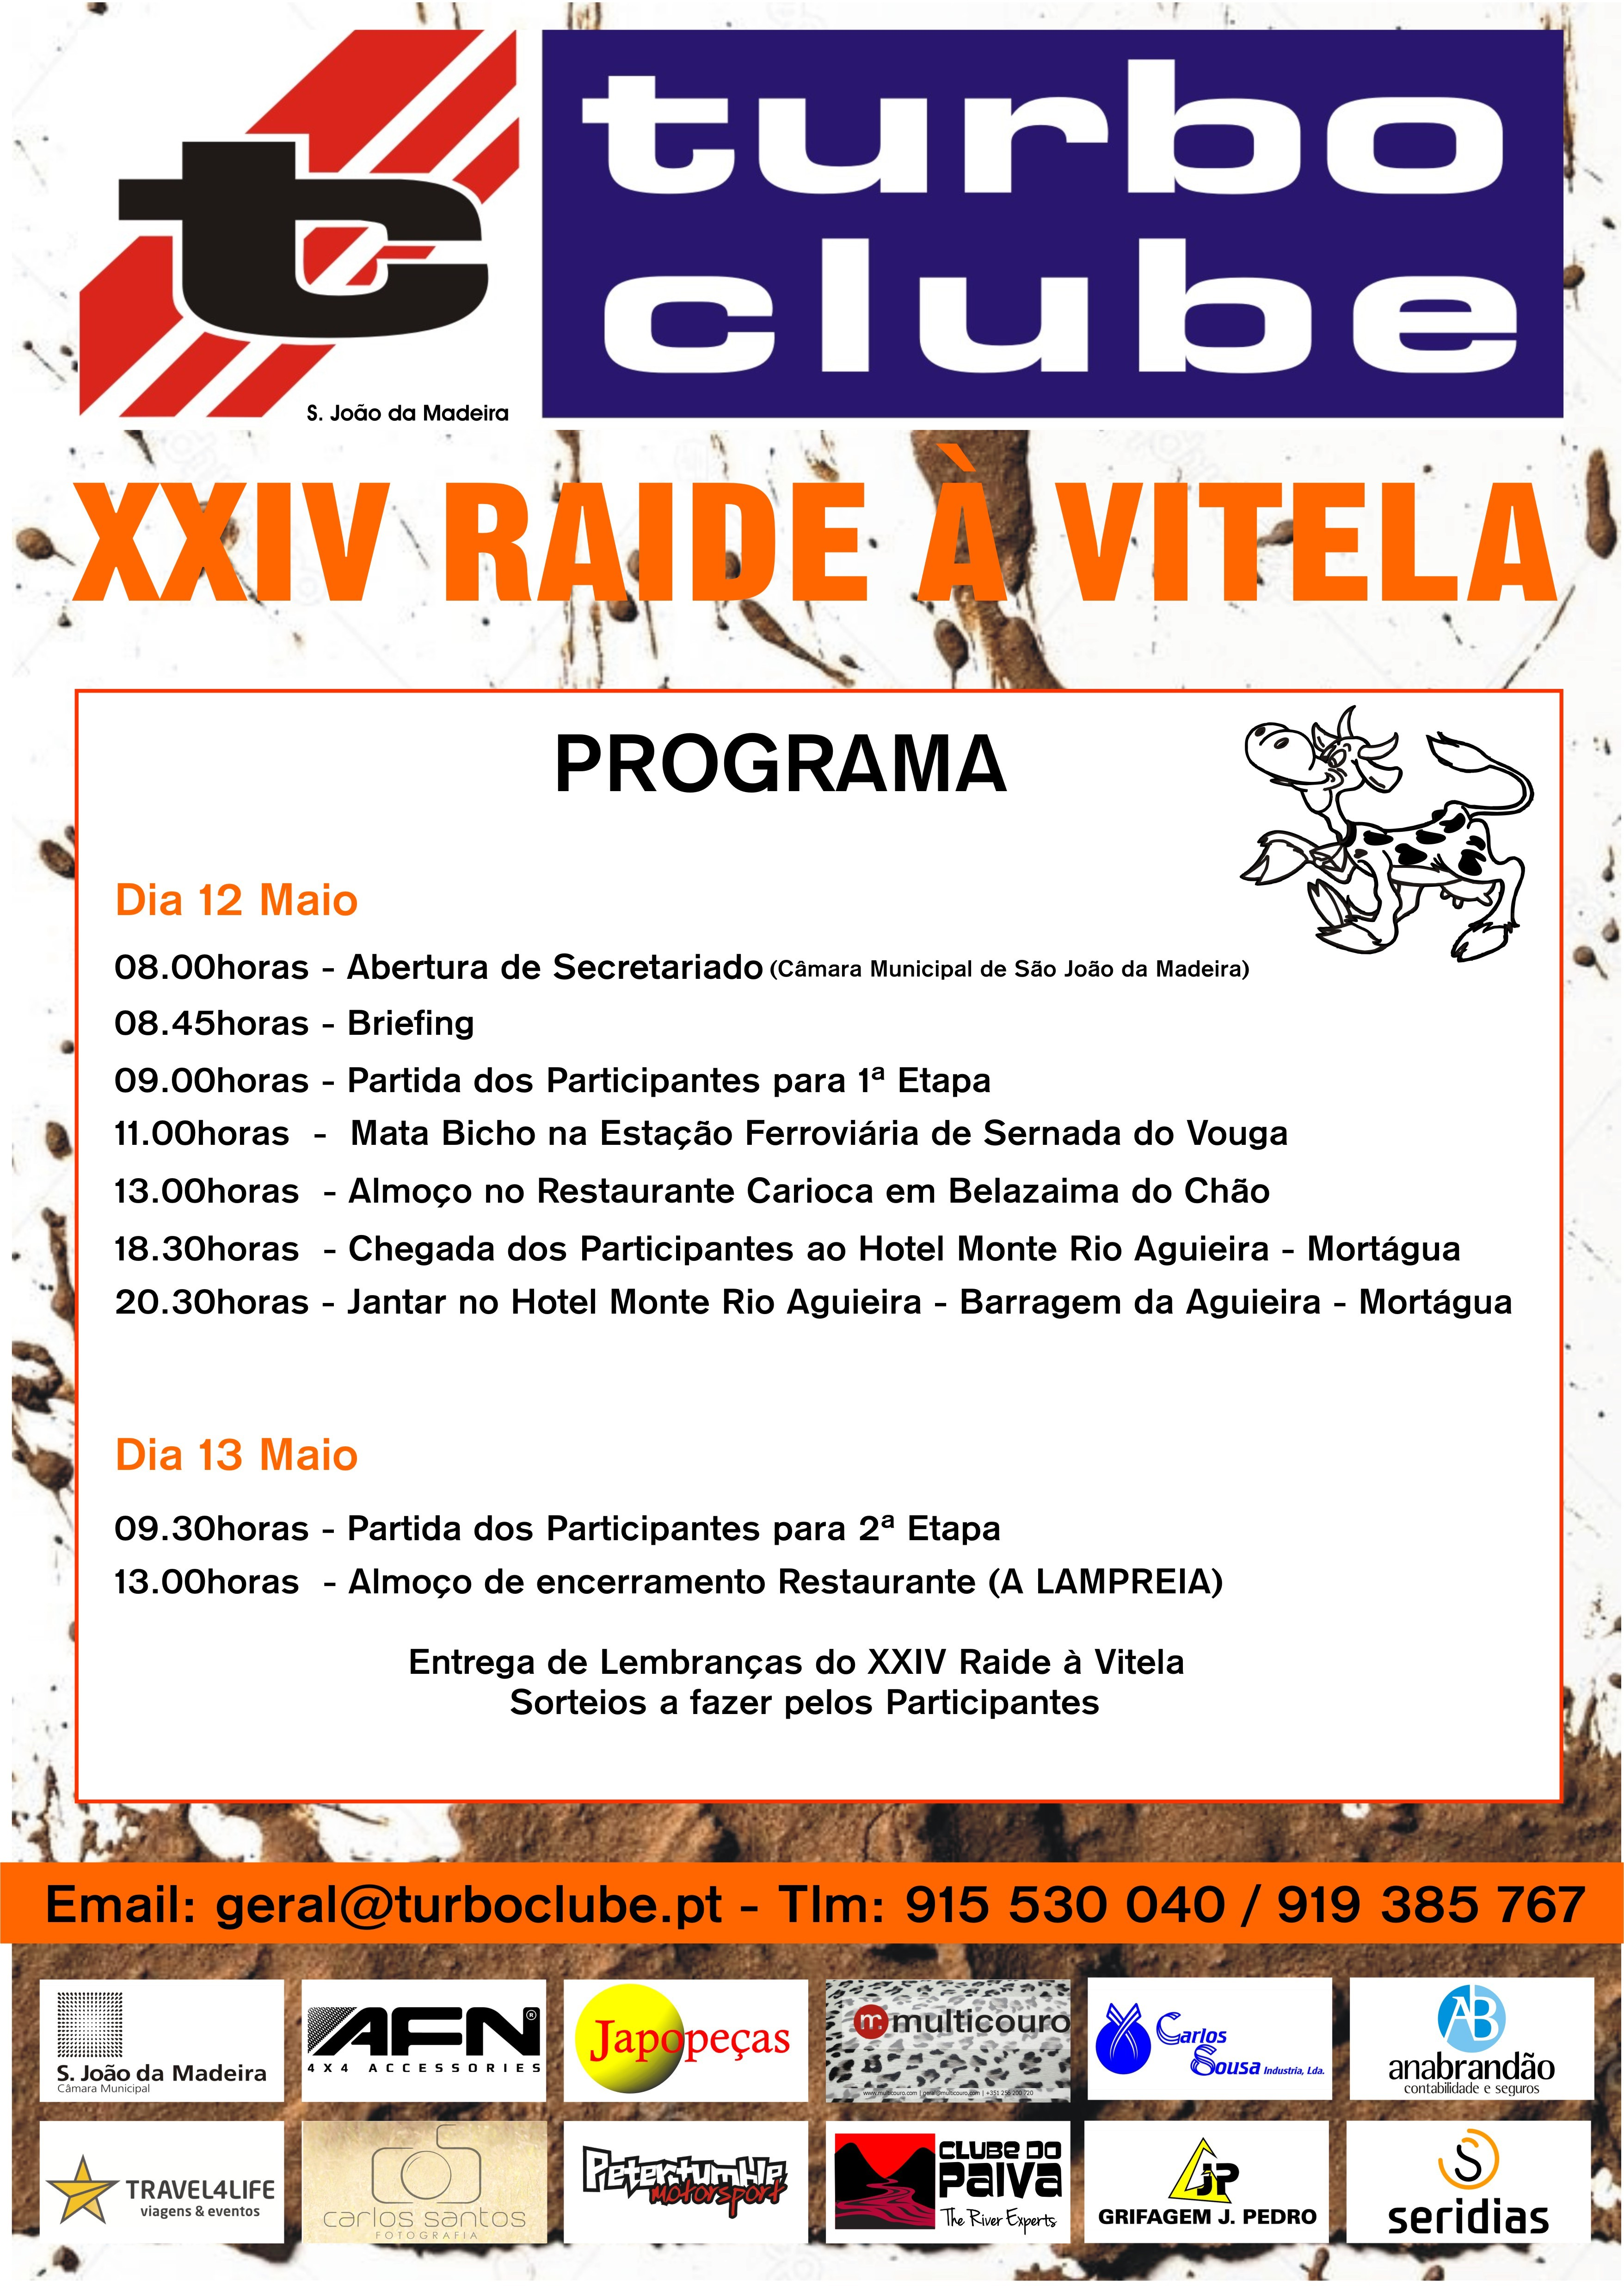 XXIV Raide à Vitela